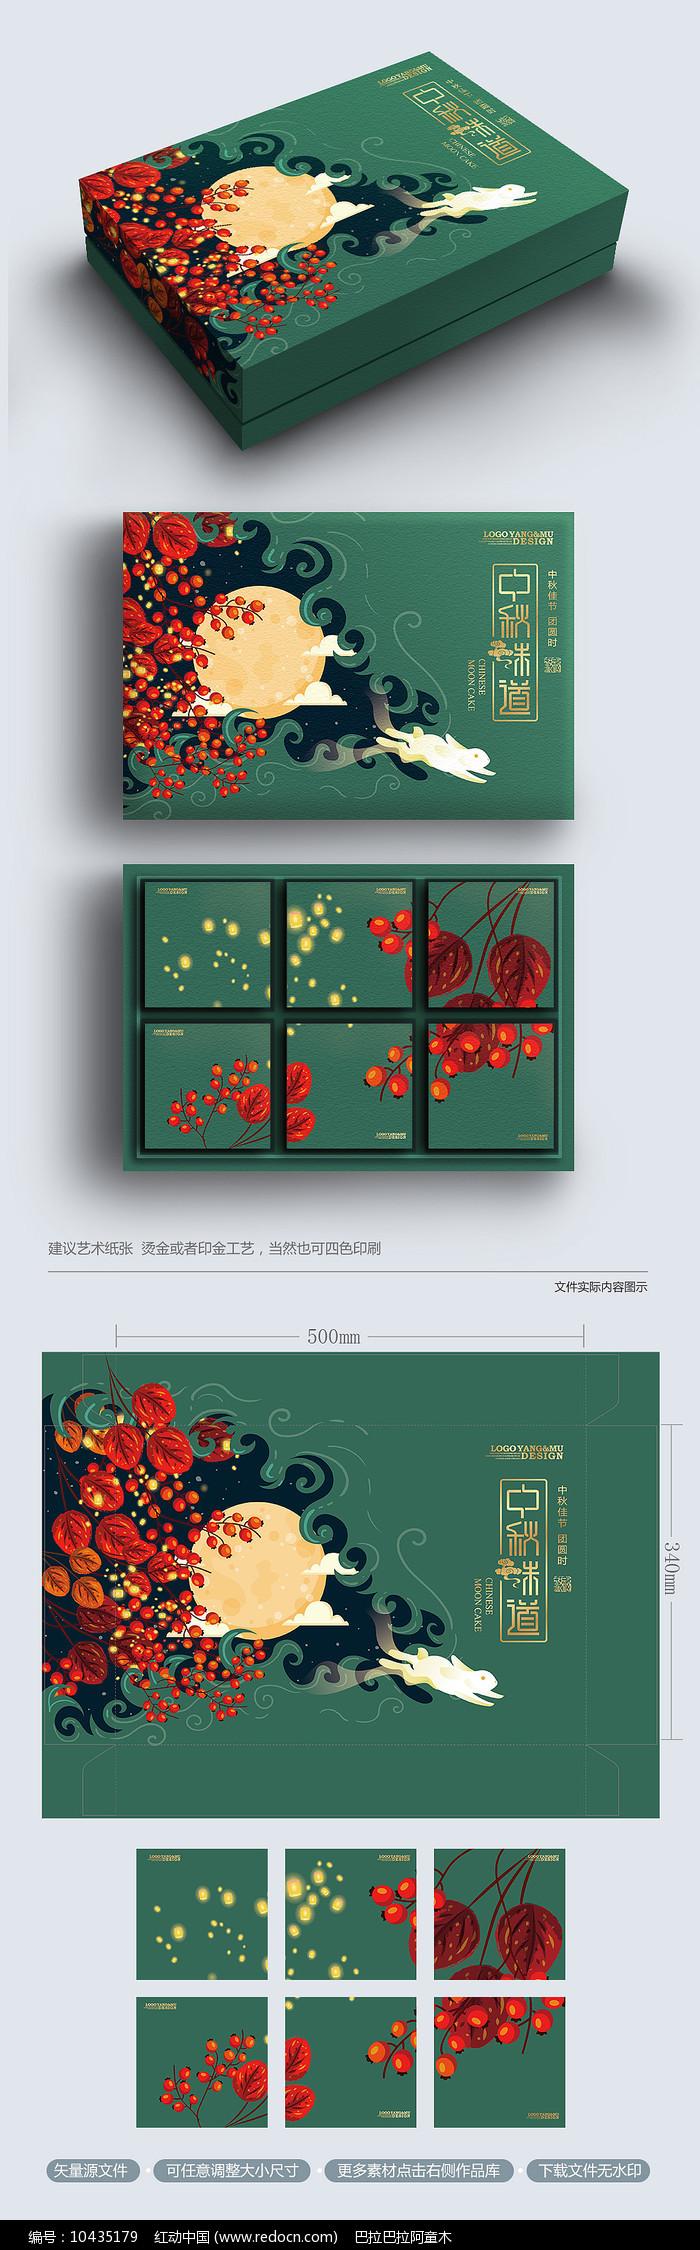 唯美创意高档中秋月饼礼盒包装图片